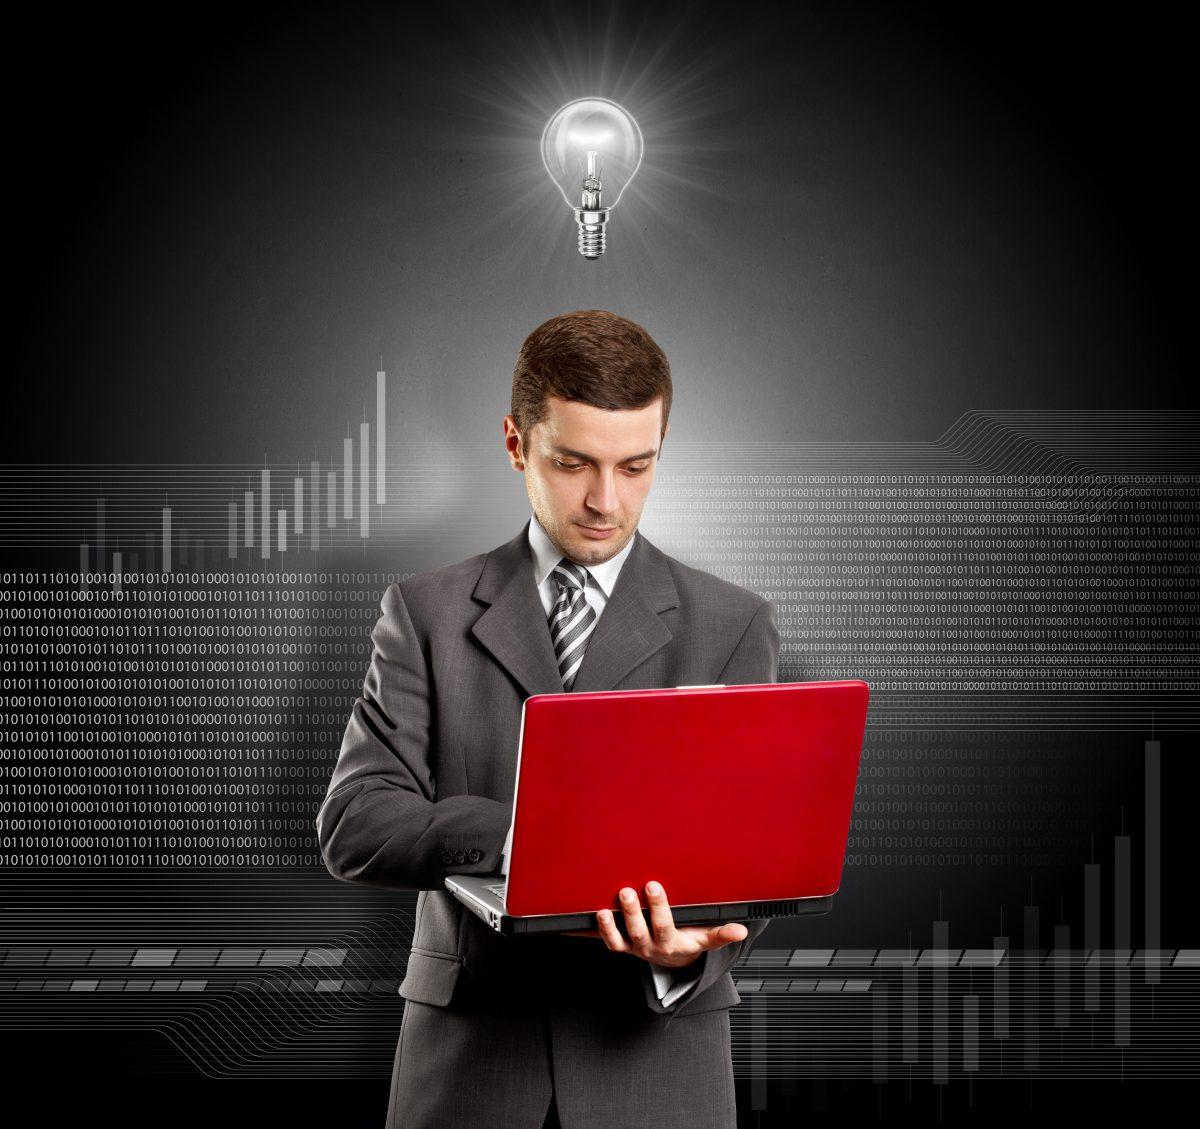 Competenze digitali: boom degli annunci di lavoro per i profili ICT